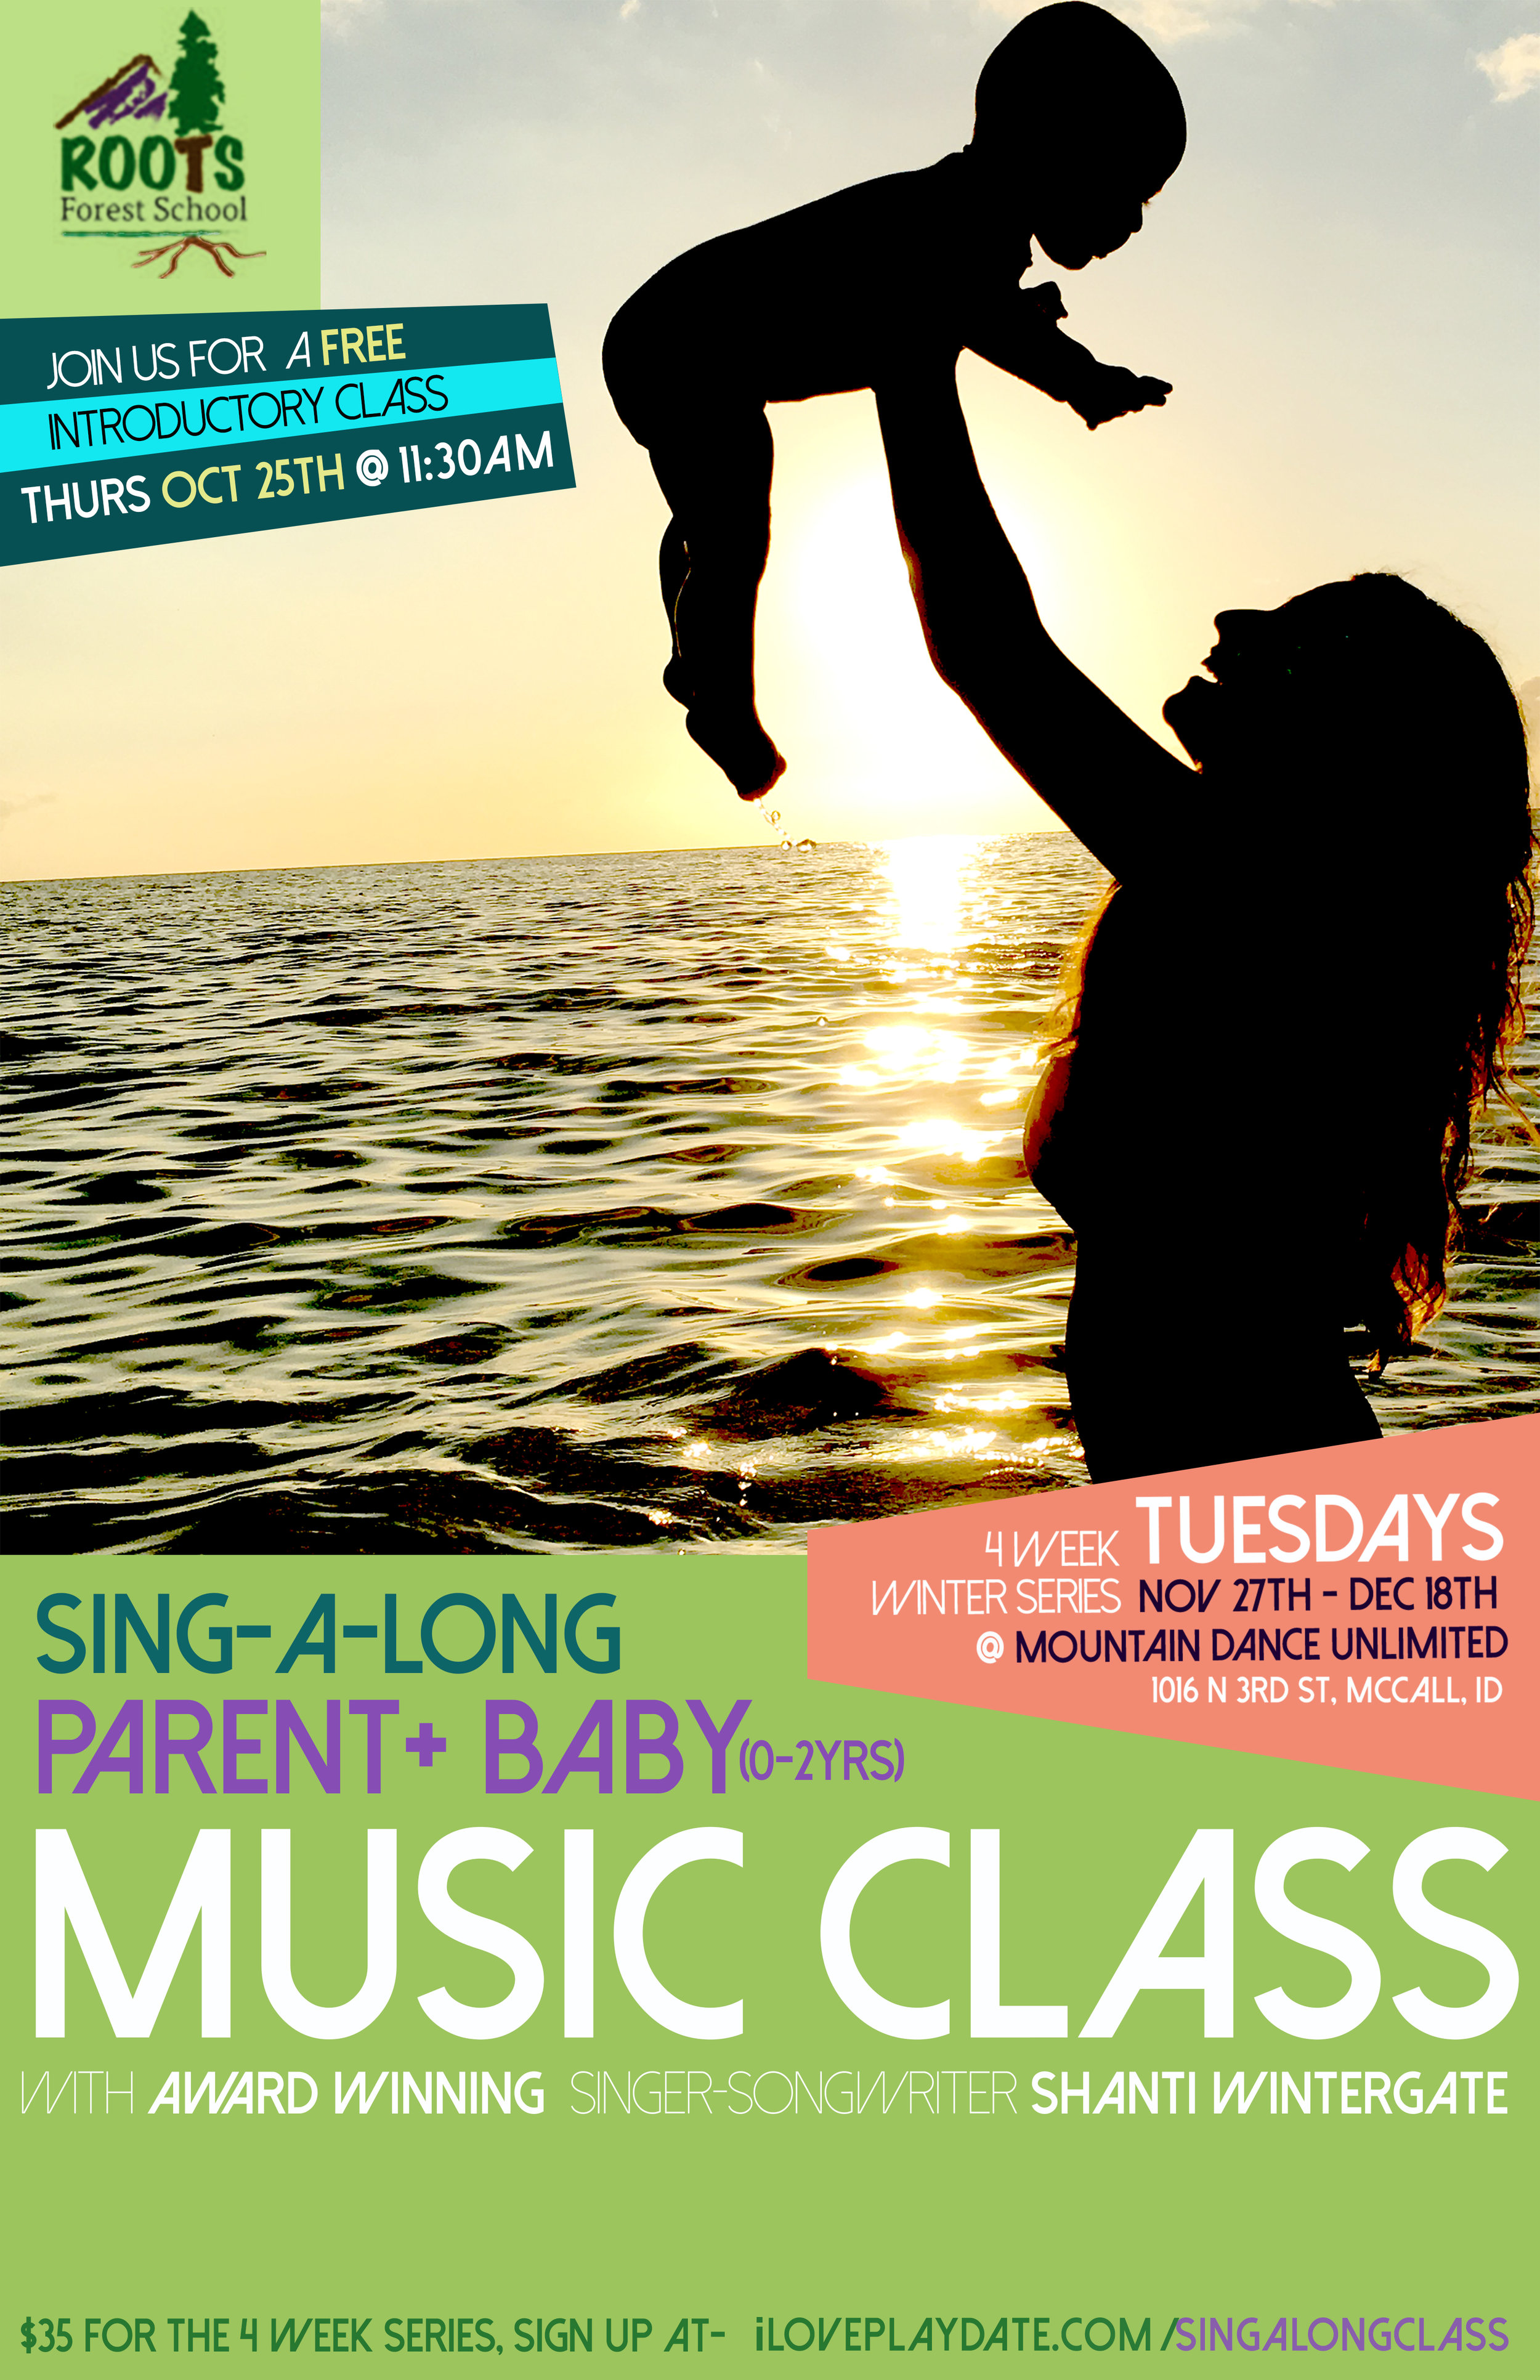 Sing Along Class Poster